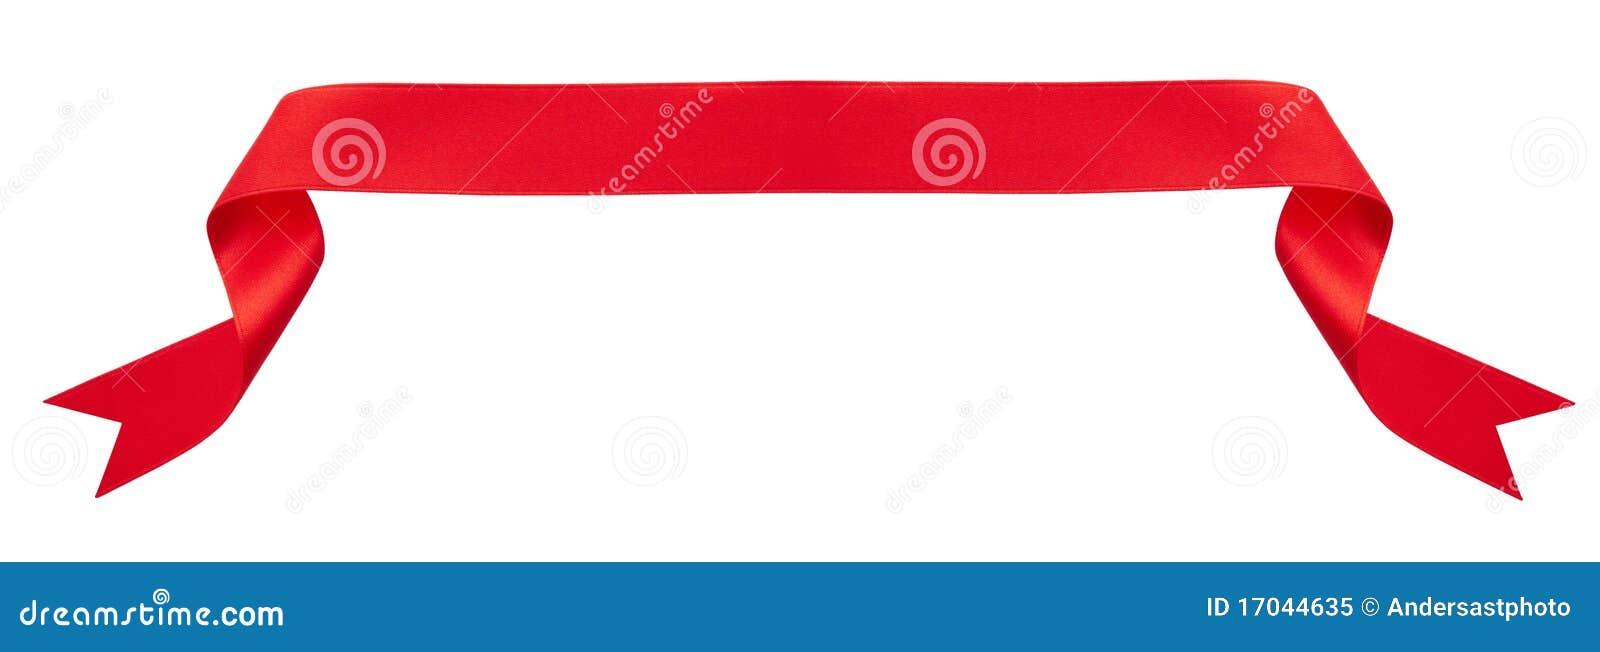 横幅红色丝带